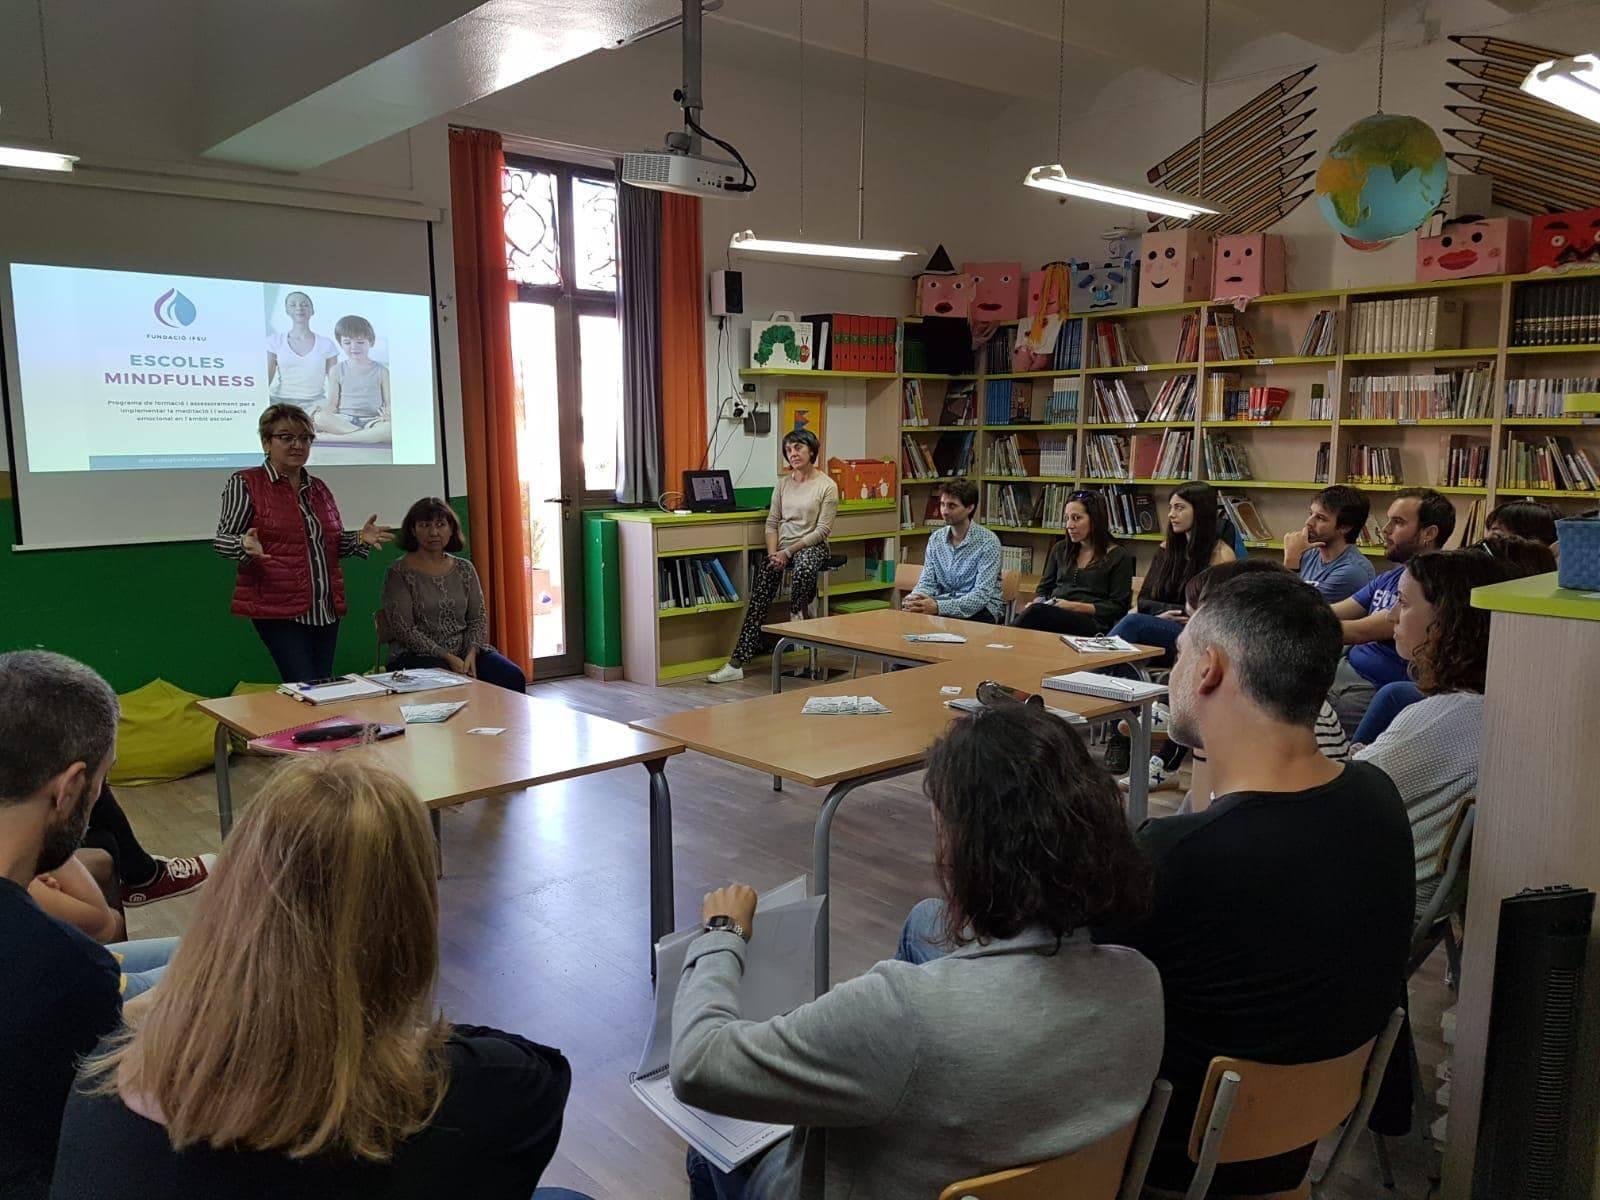 Colegios Mindfulness_1.3